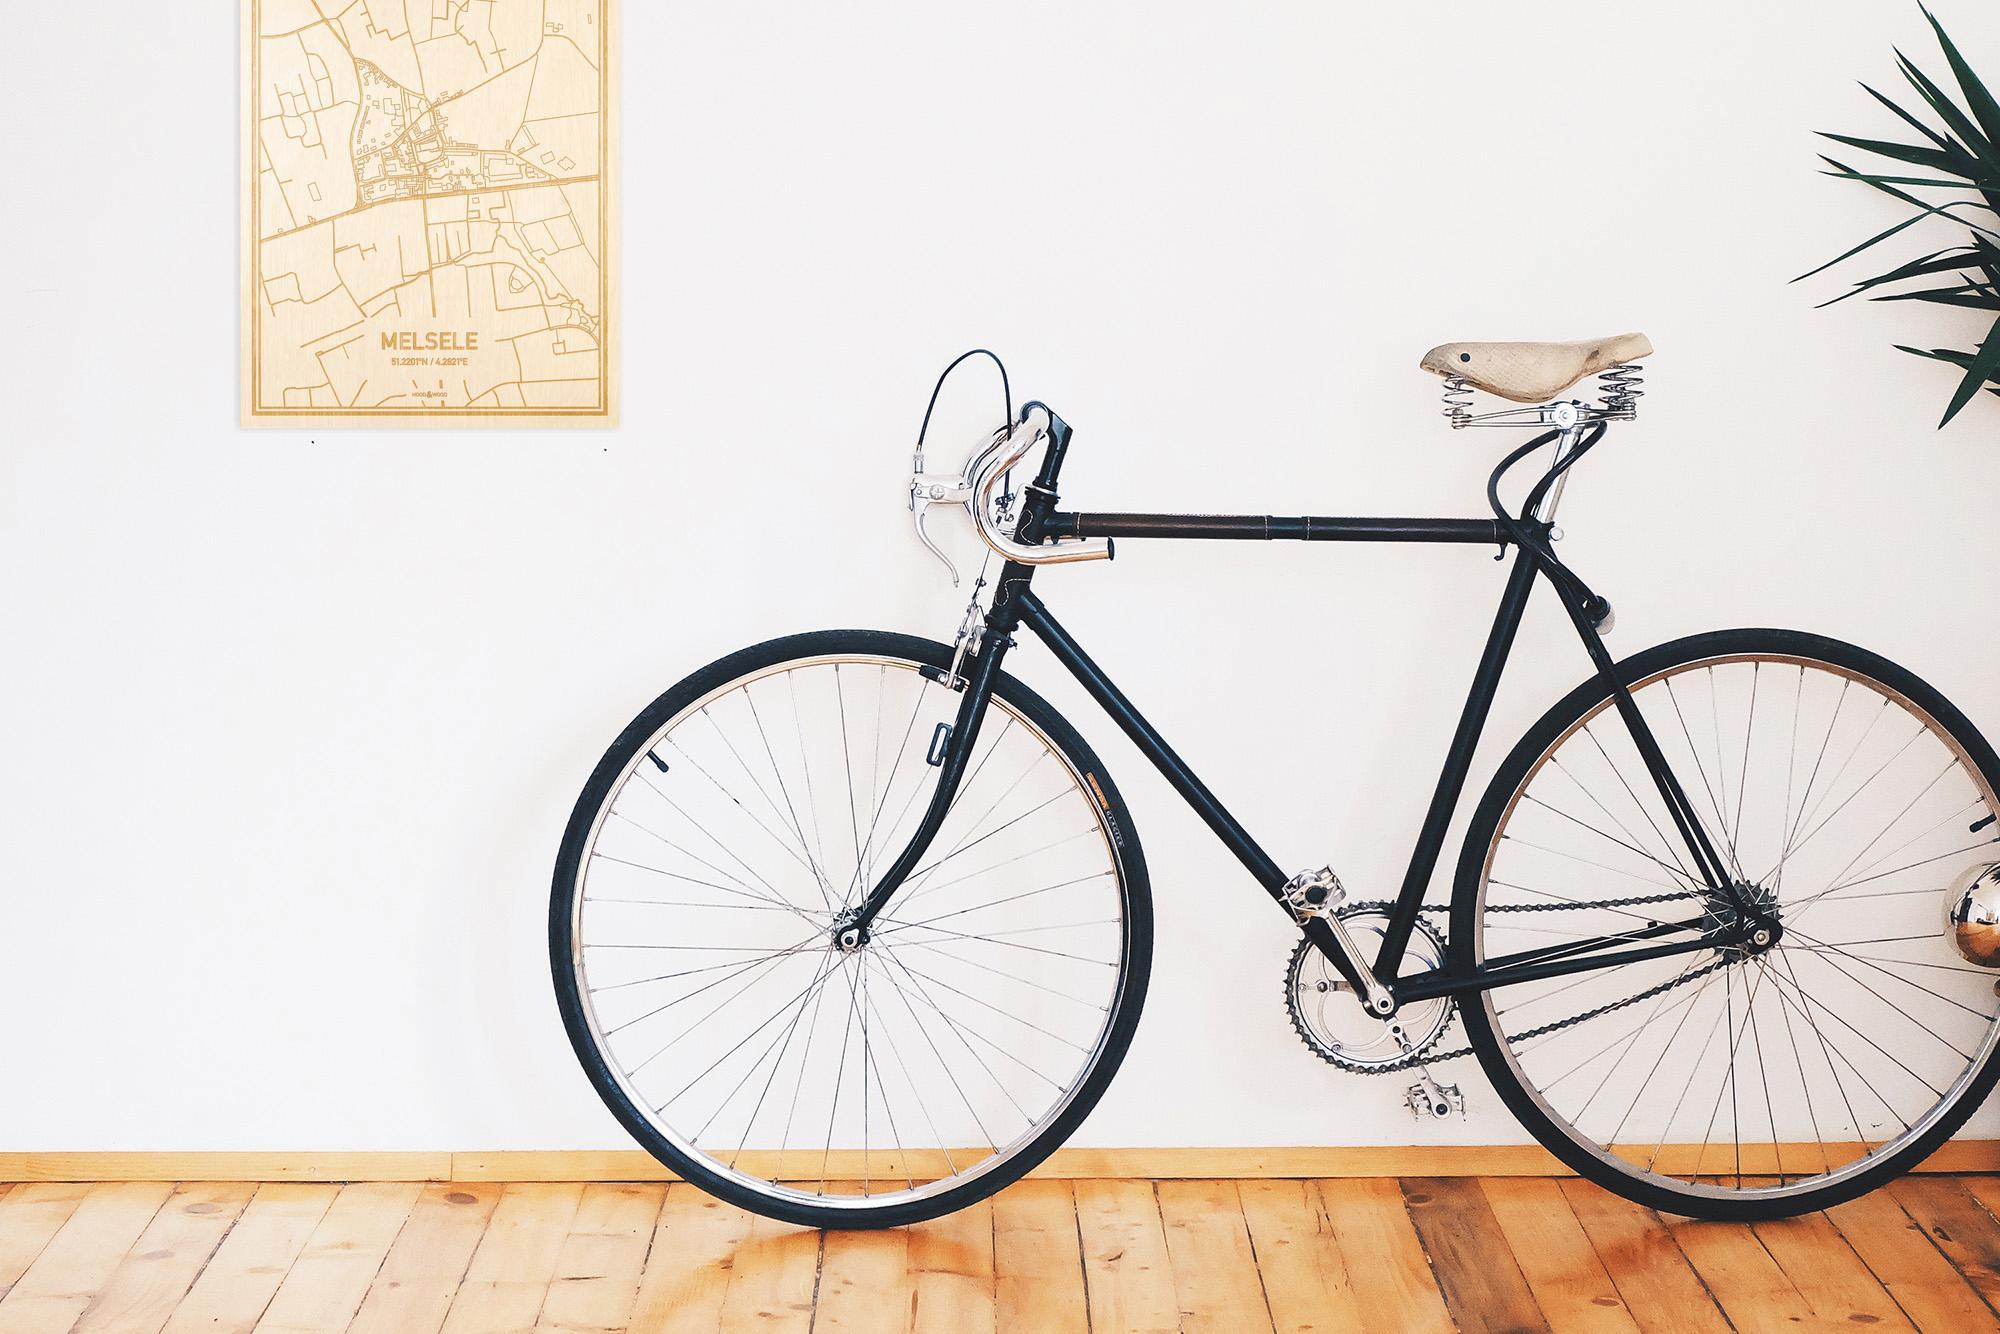 Een snelle fiets in een uniek interieur in Oost-Vlaanderen  met mooie decoratie zoals de plattegrond Melsele.